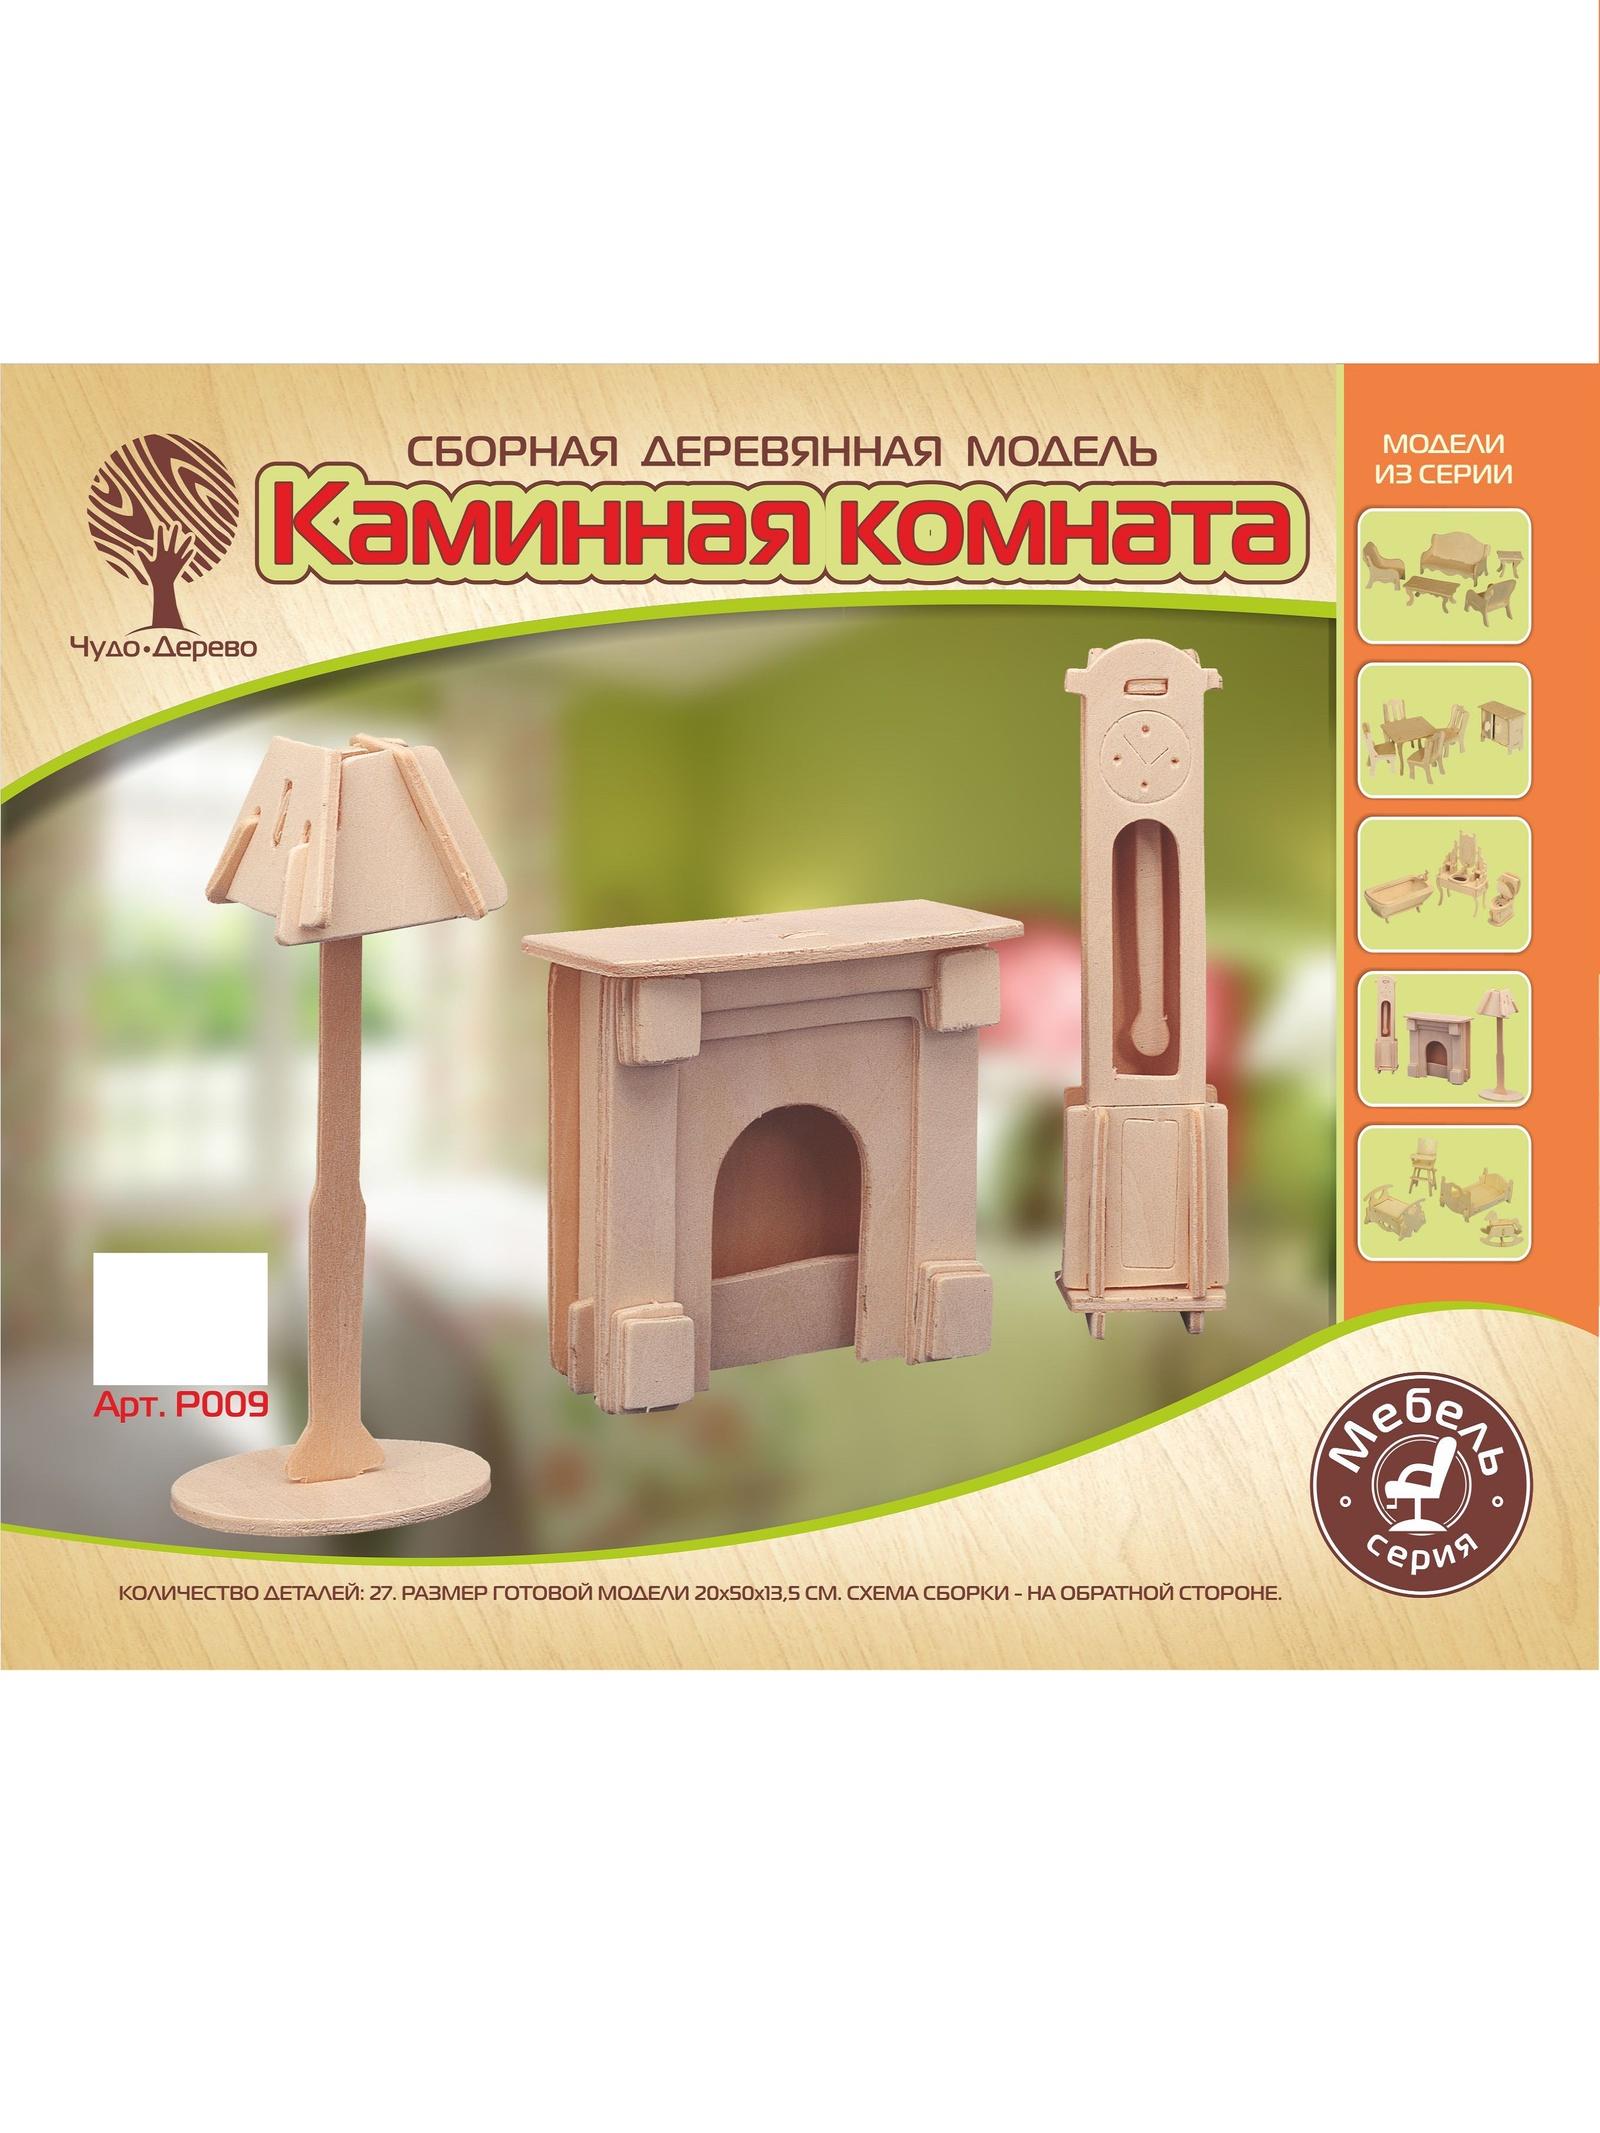 Деревянный конструктор Чудо-дерево Часы, лампа и камин, P009